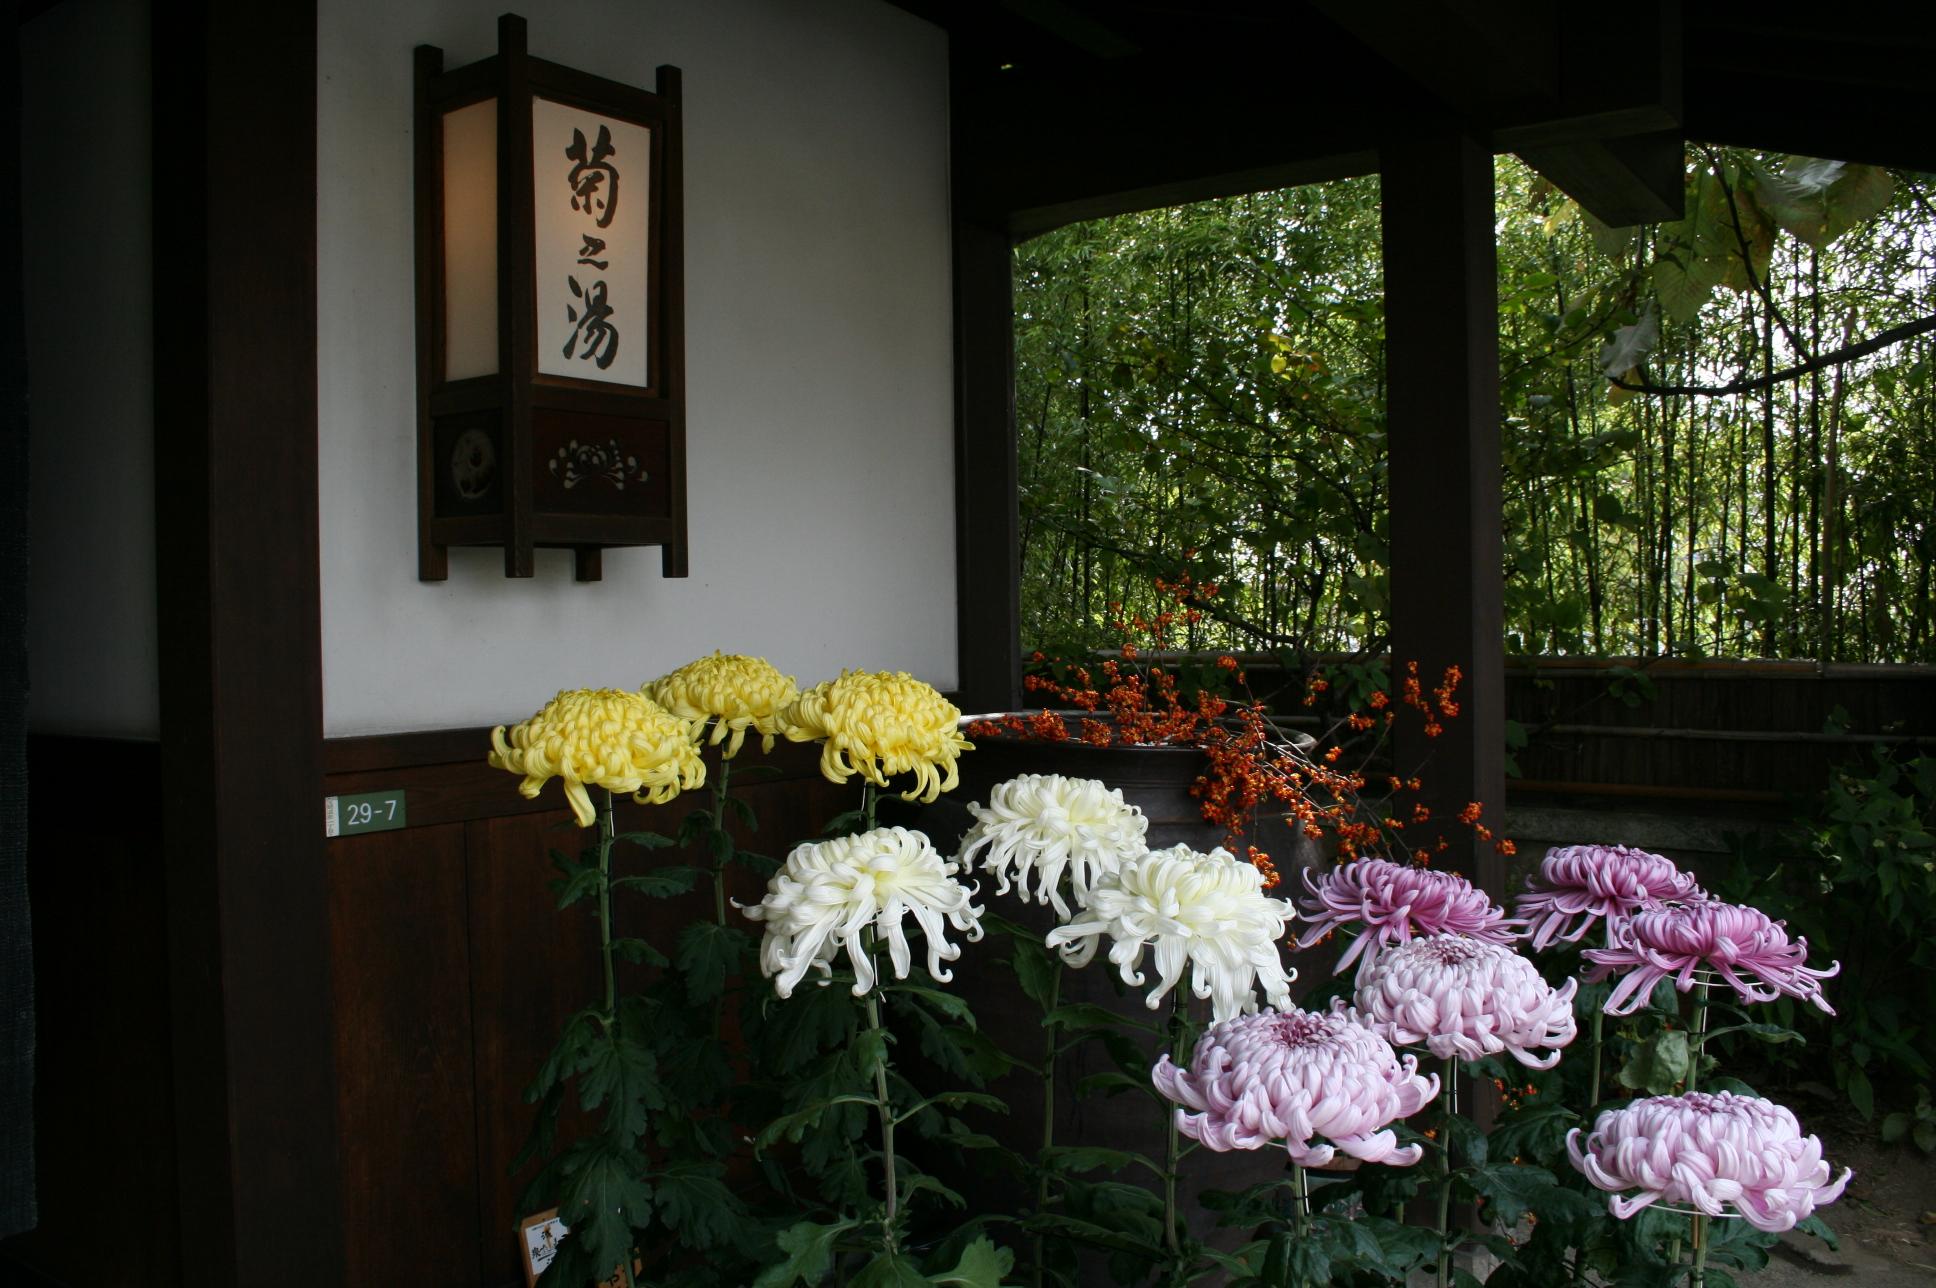 菊之湯の玄関 菊の花